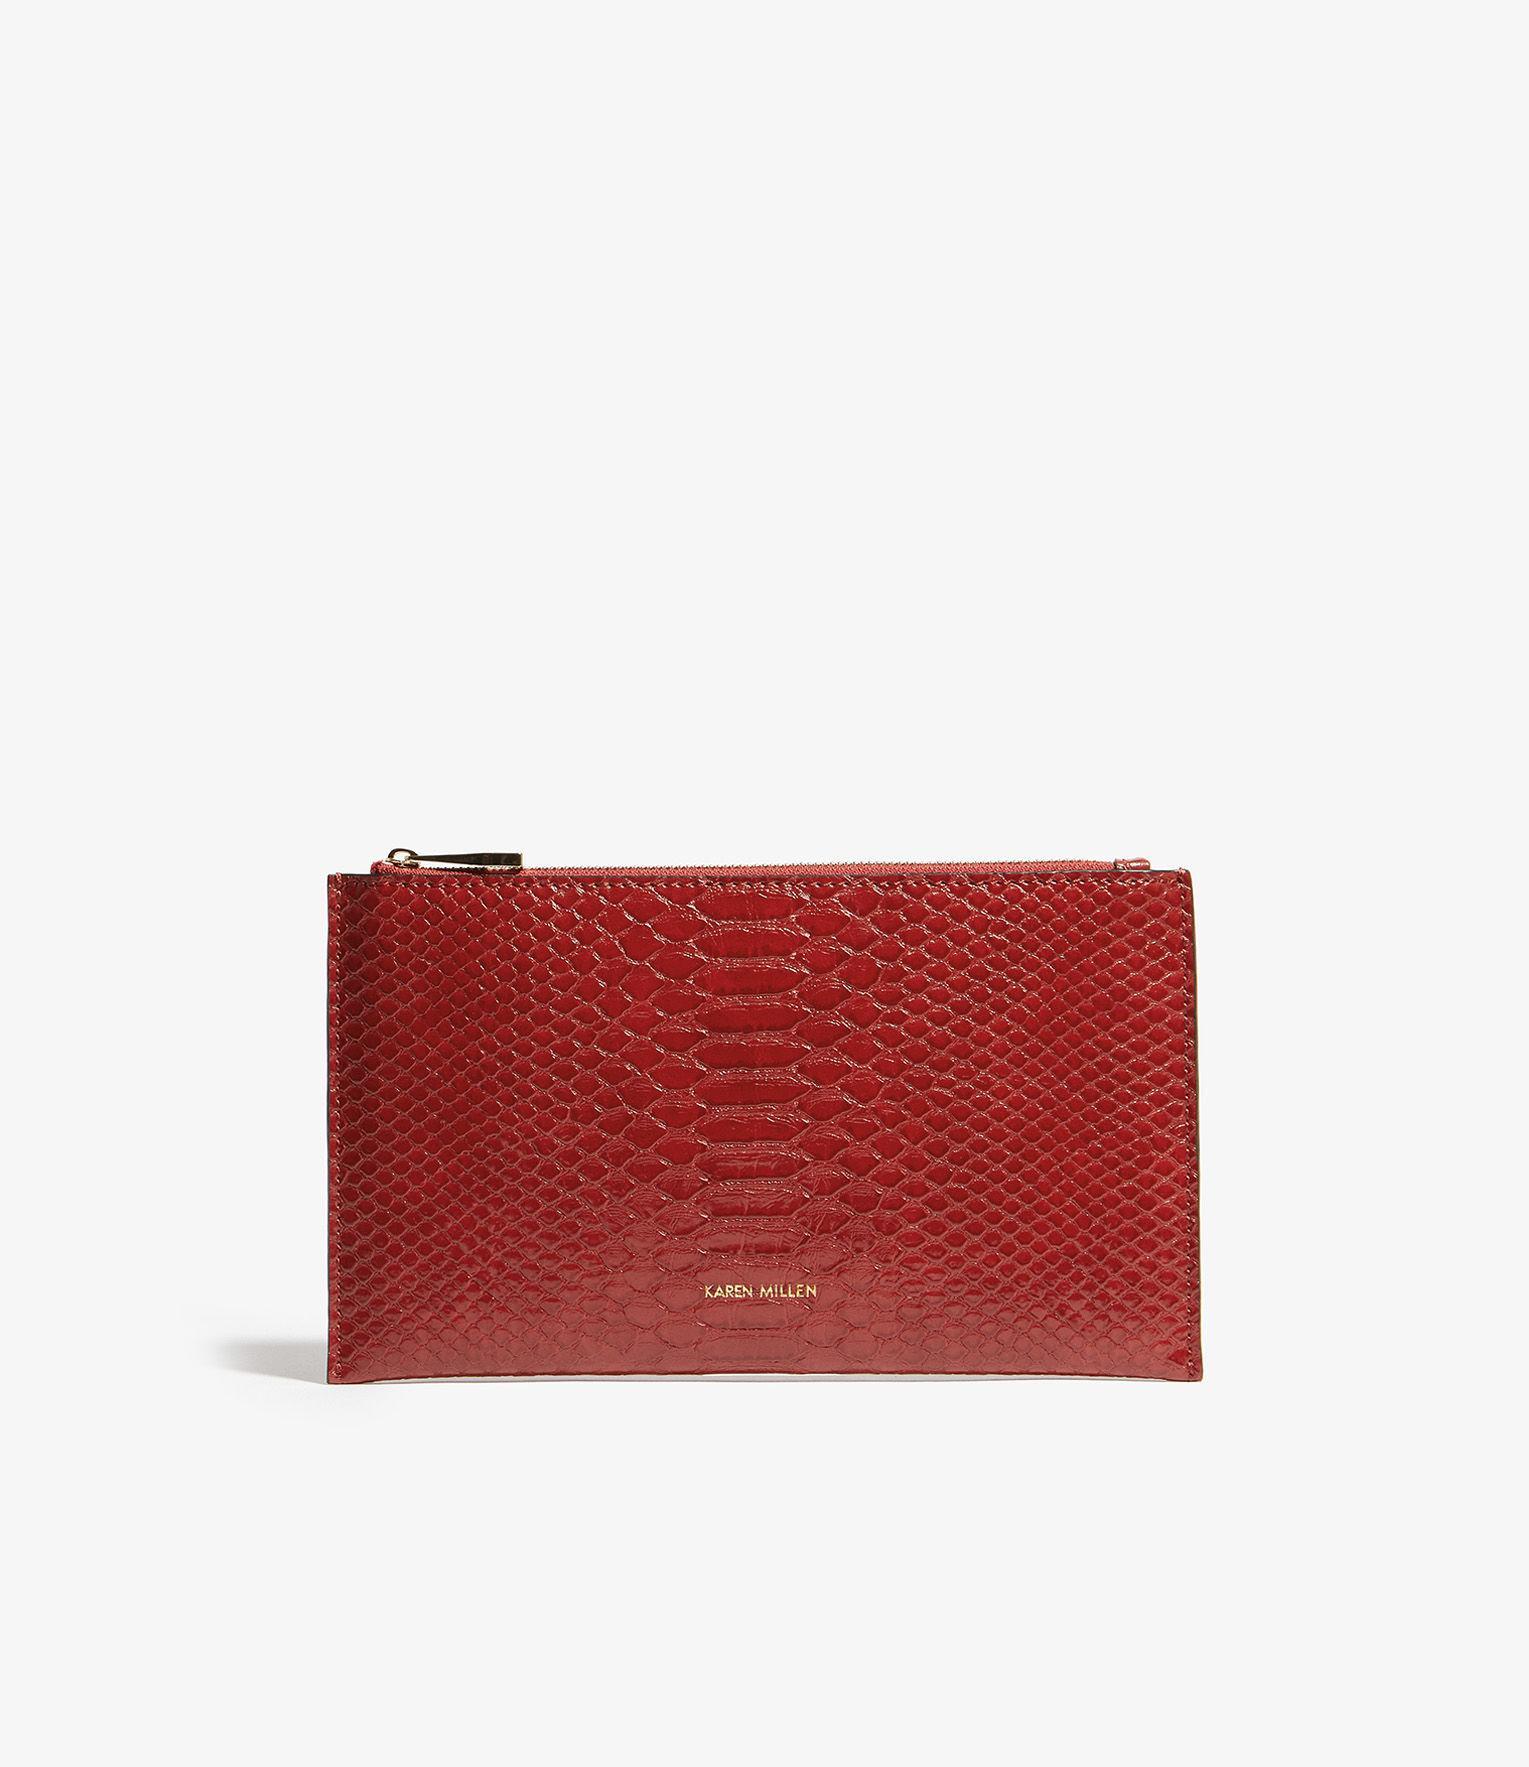 f99944f808a Karen Millen Textured Pouch in Red - Lyst